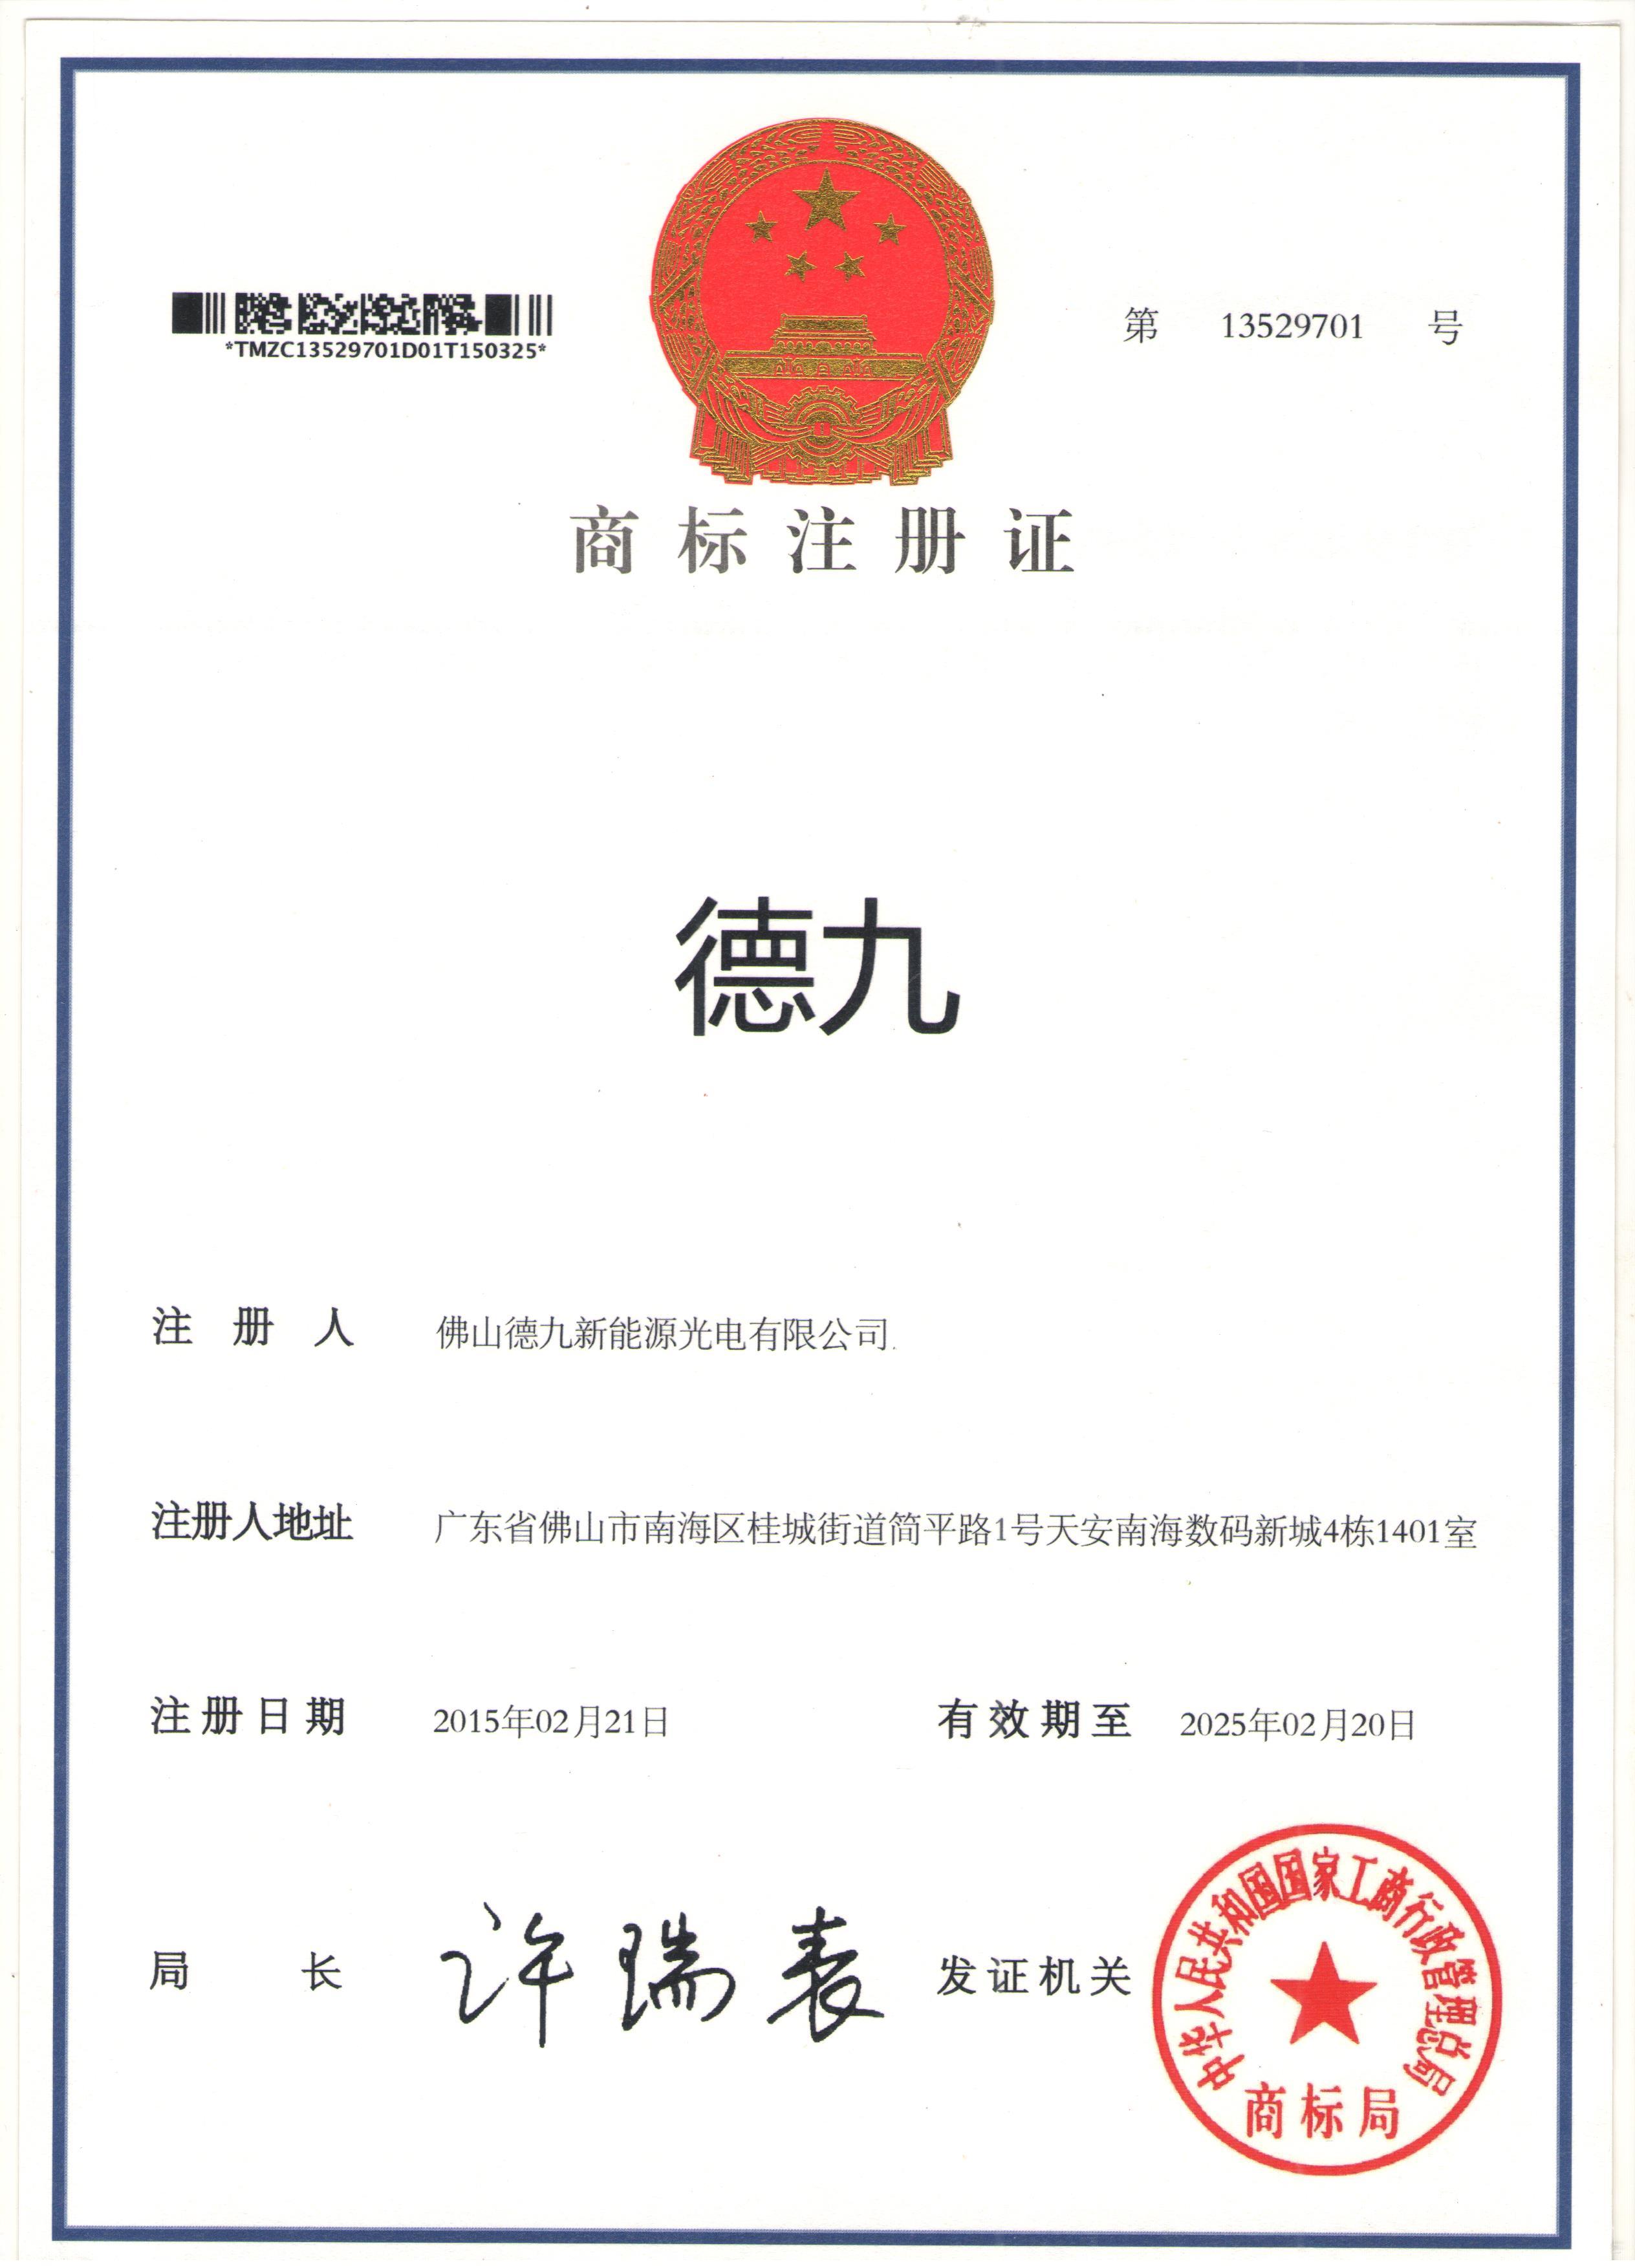 专利-发明专利-中文商标注册证